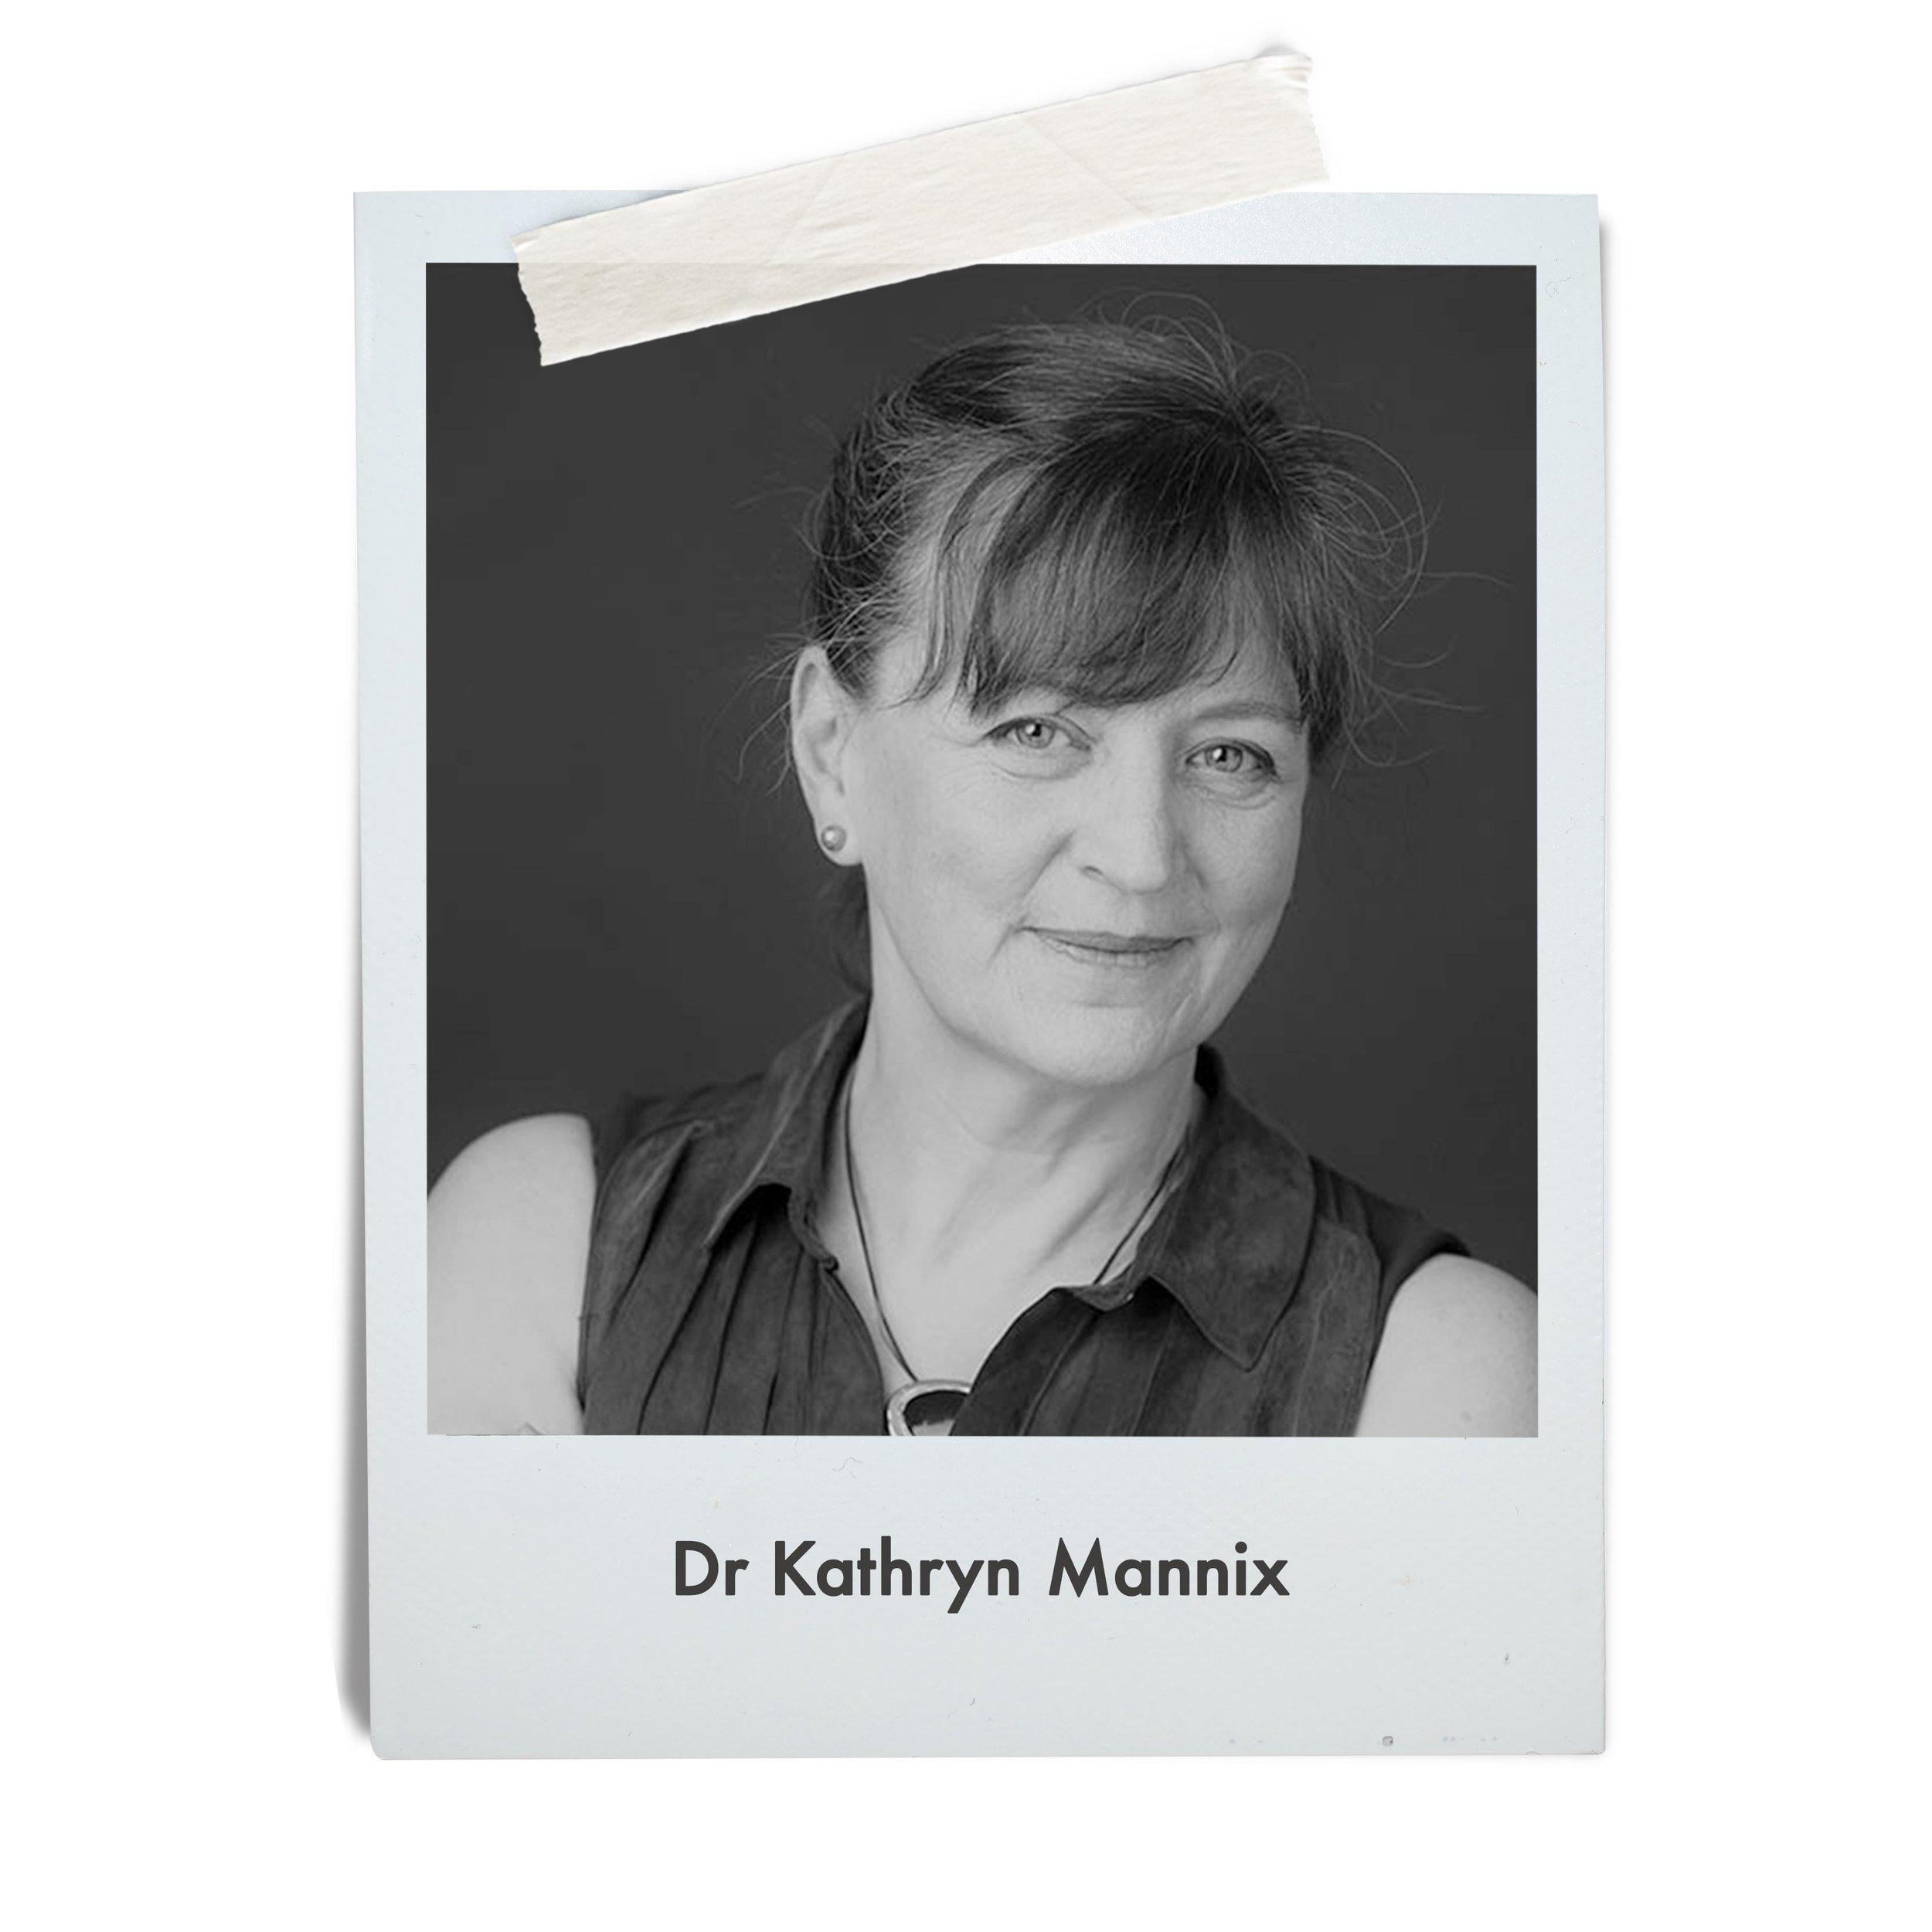 Dr Kathryn Mannix